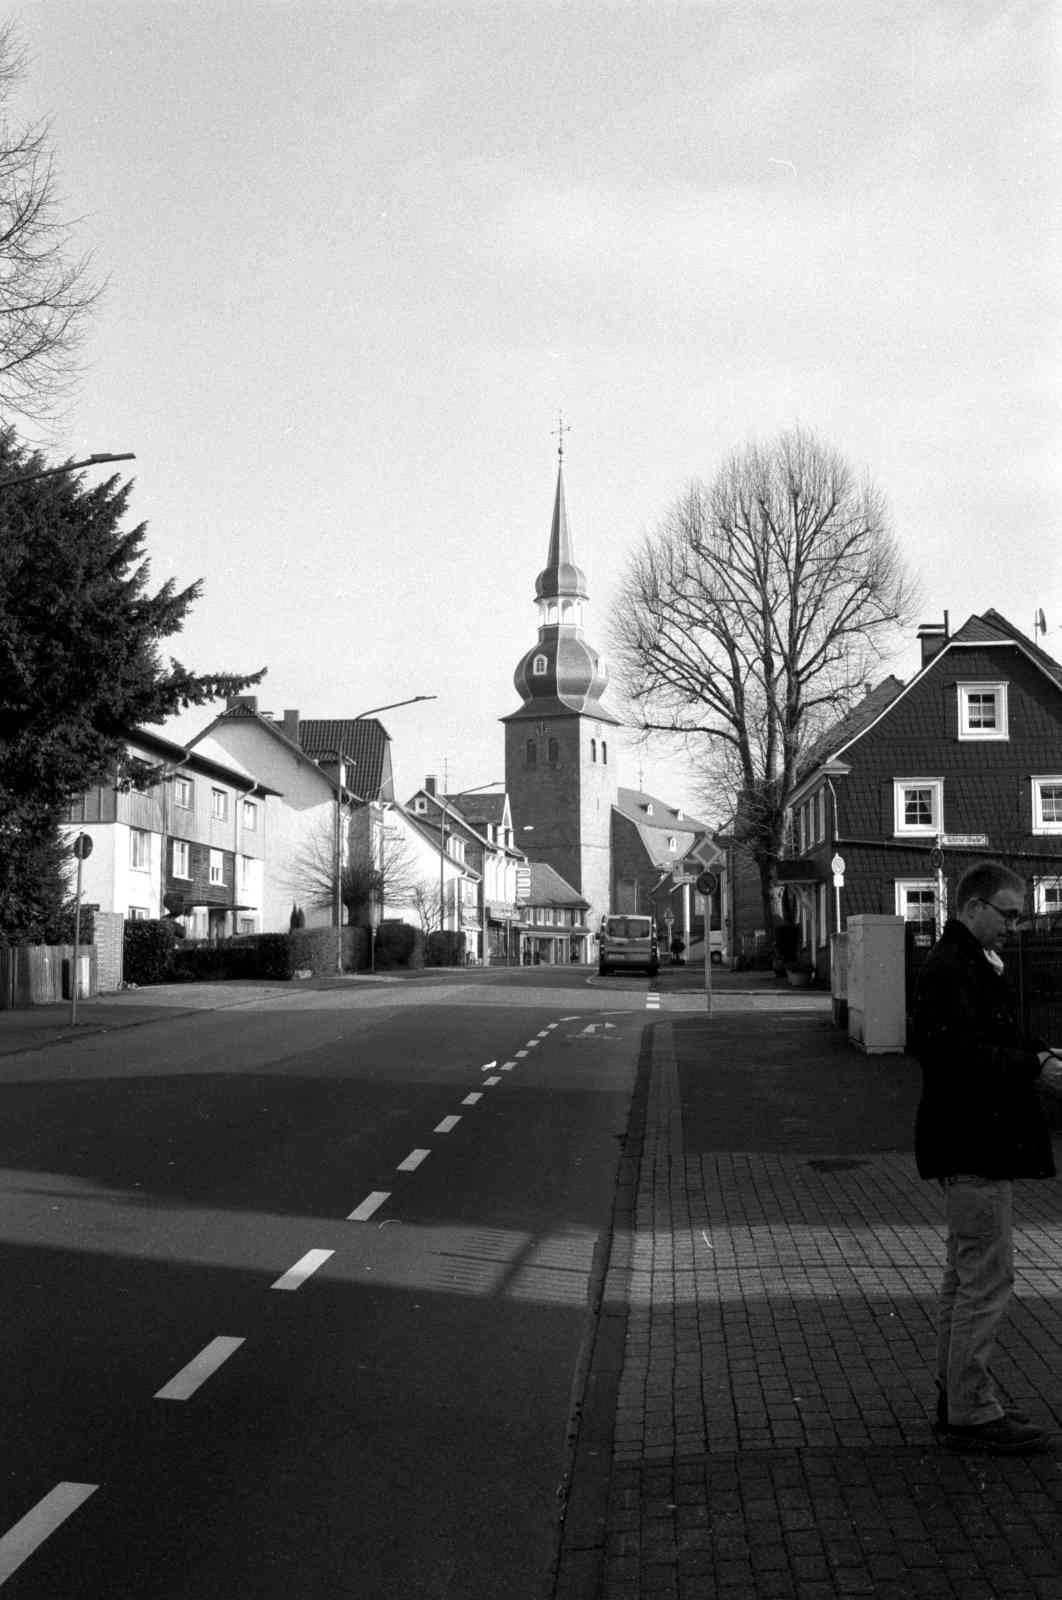 Fotowalk in Cronenberg - Kirche in Cronenberg 1